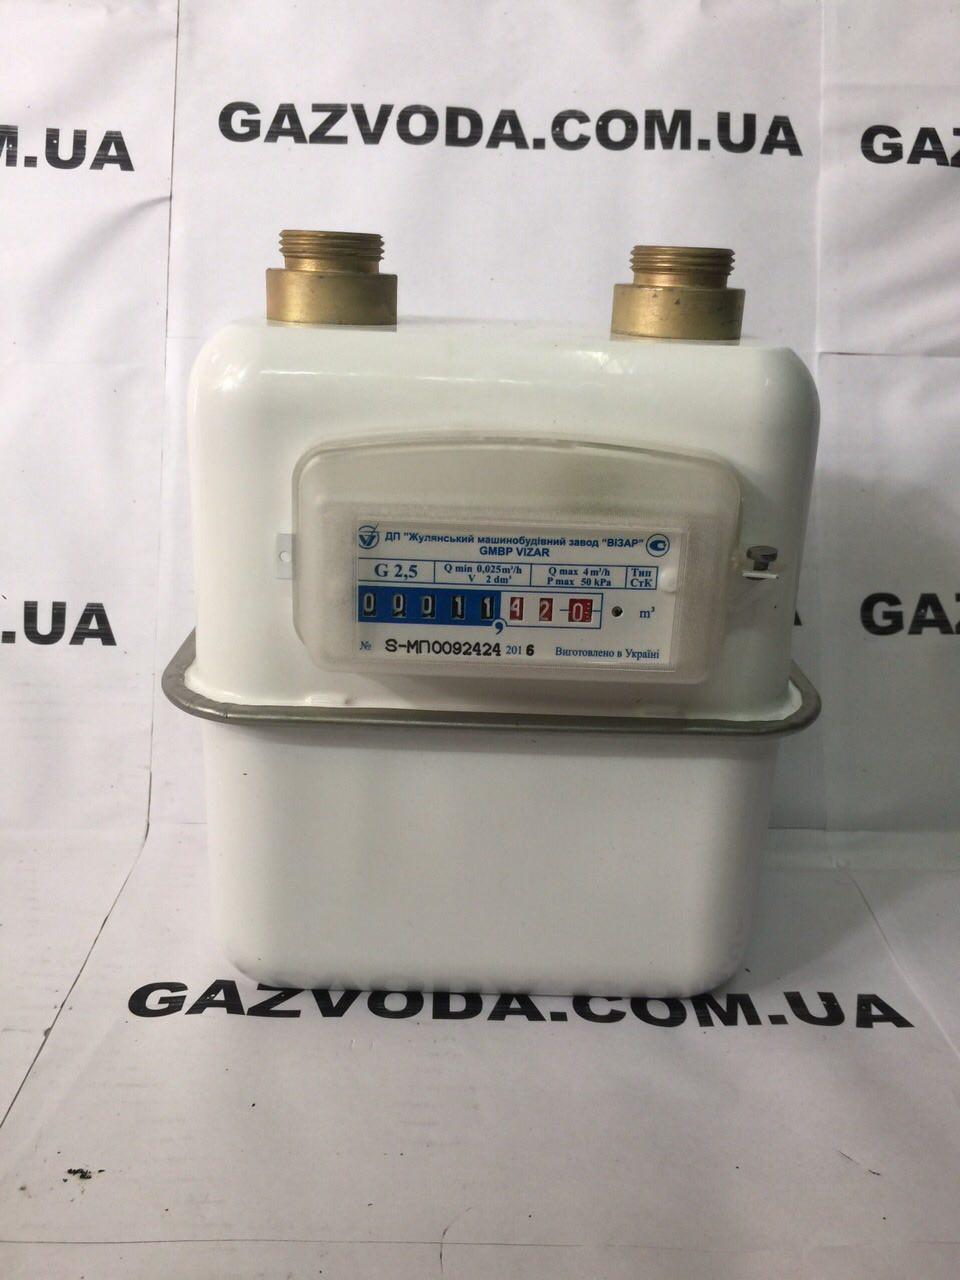 Счетчик газа мембранный Визар G2,5 - GazVodA в Харькове